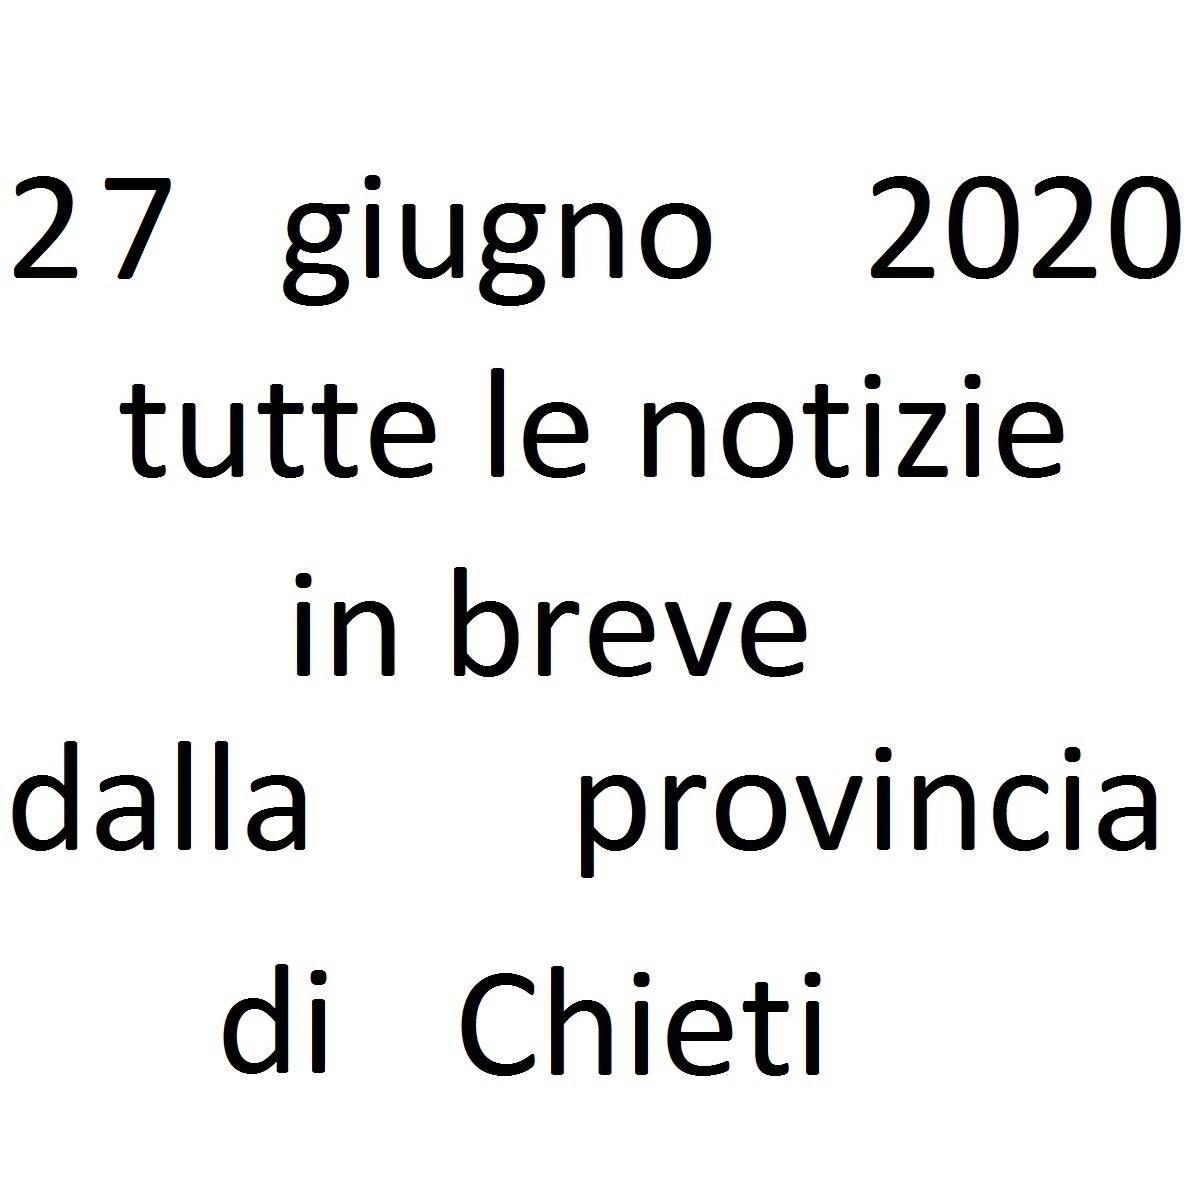 27 giugno 2020 notizie in breve dalla Provincia di Chieti foto